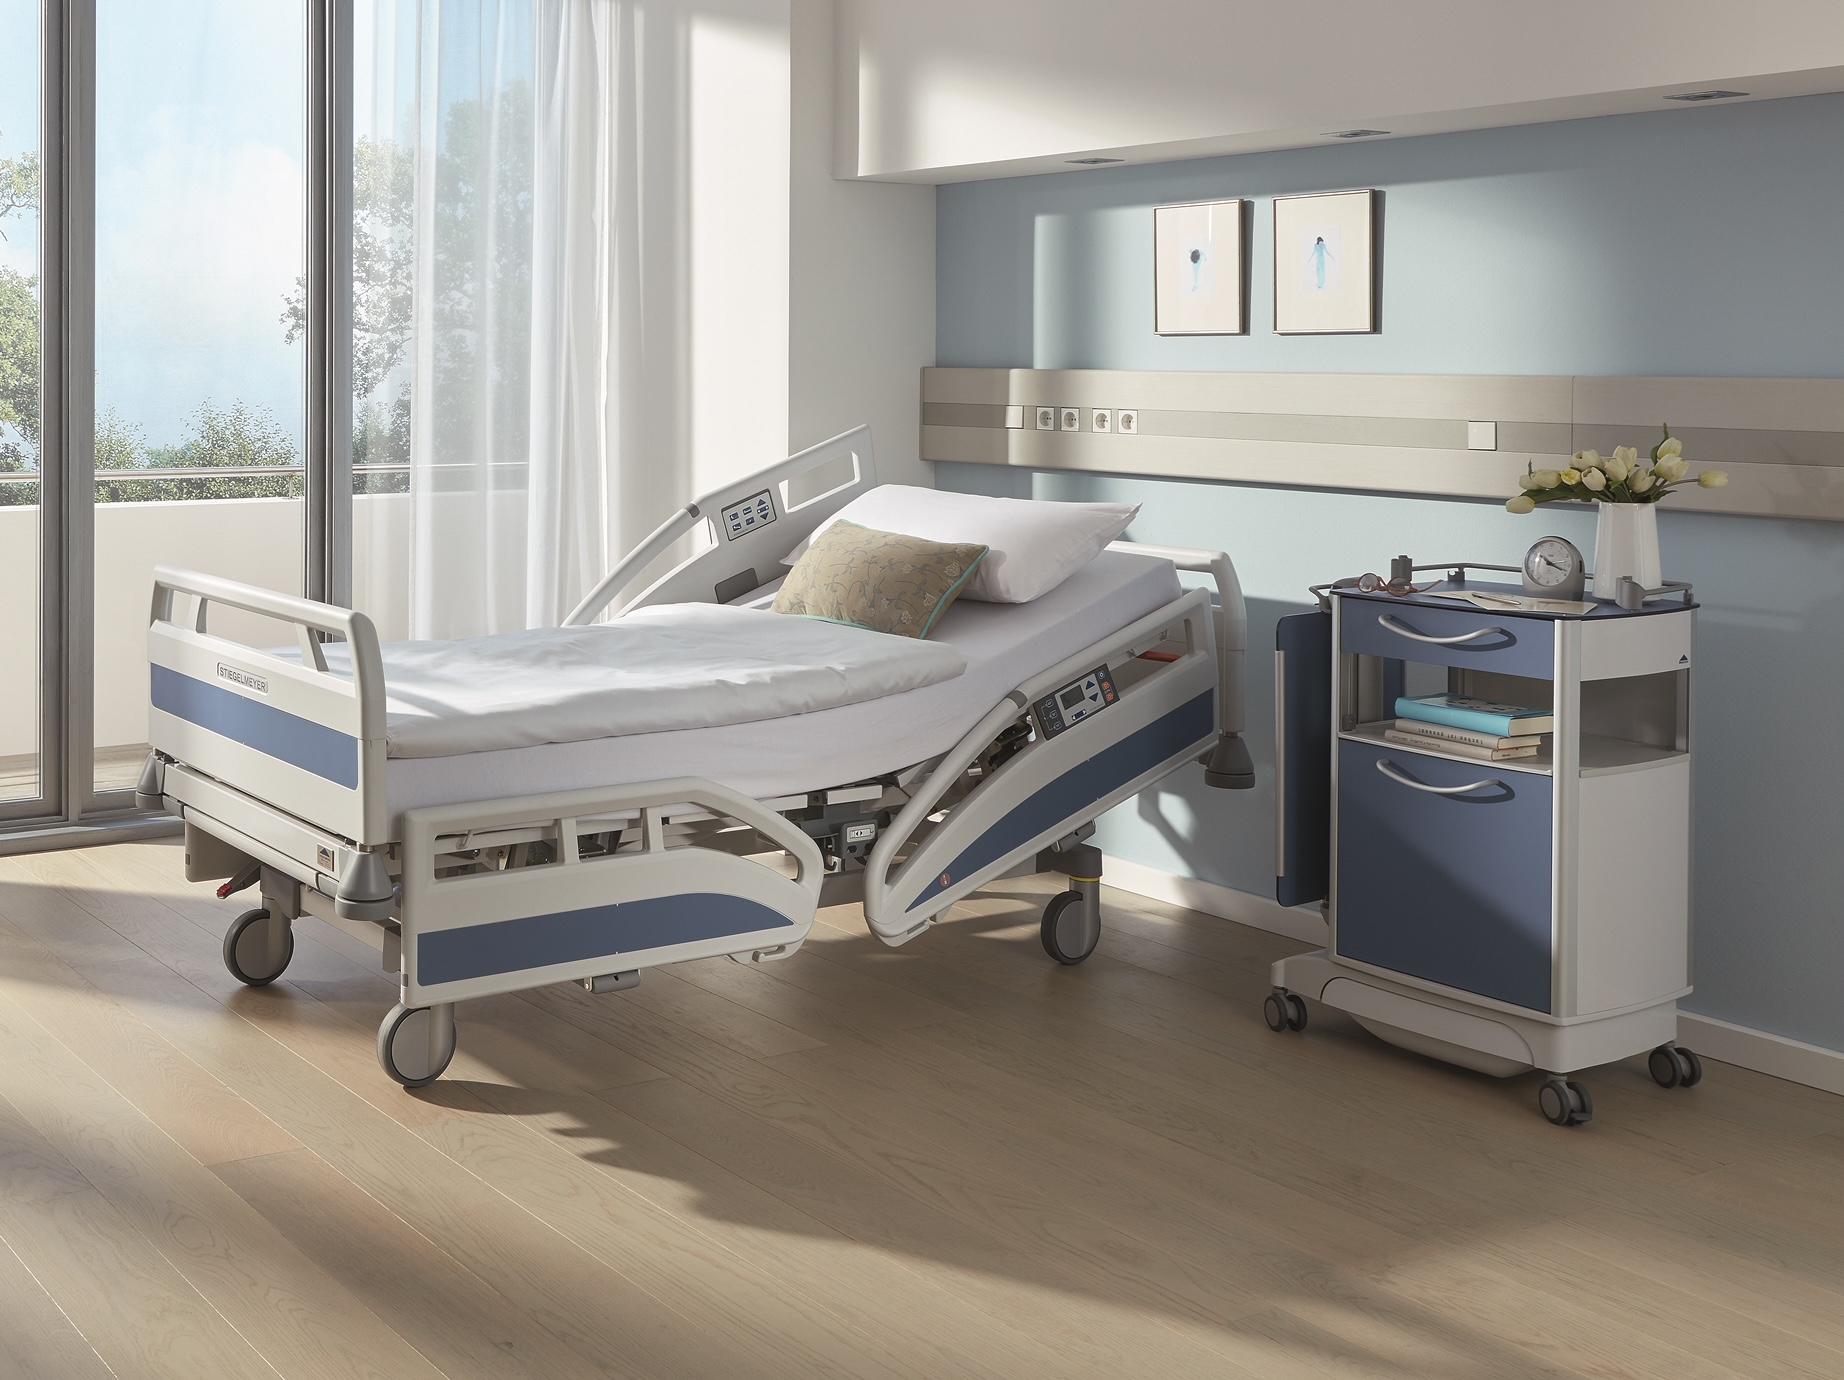 33 κλίνες ΜΕΘ από το Ίδρυμα Σταύρος Νιάρχος στο νοσοκομείο Ευαγγελισμός